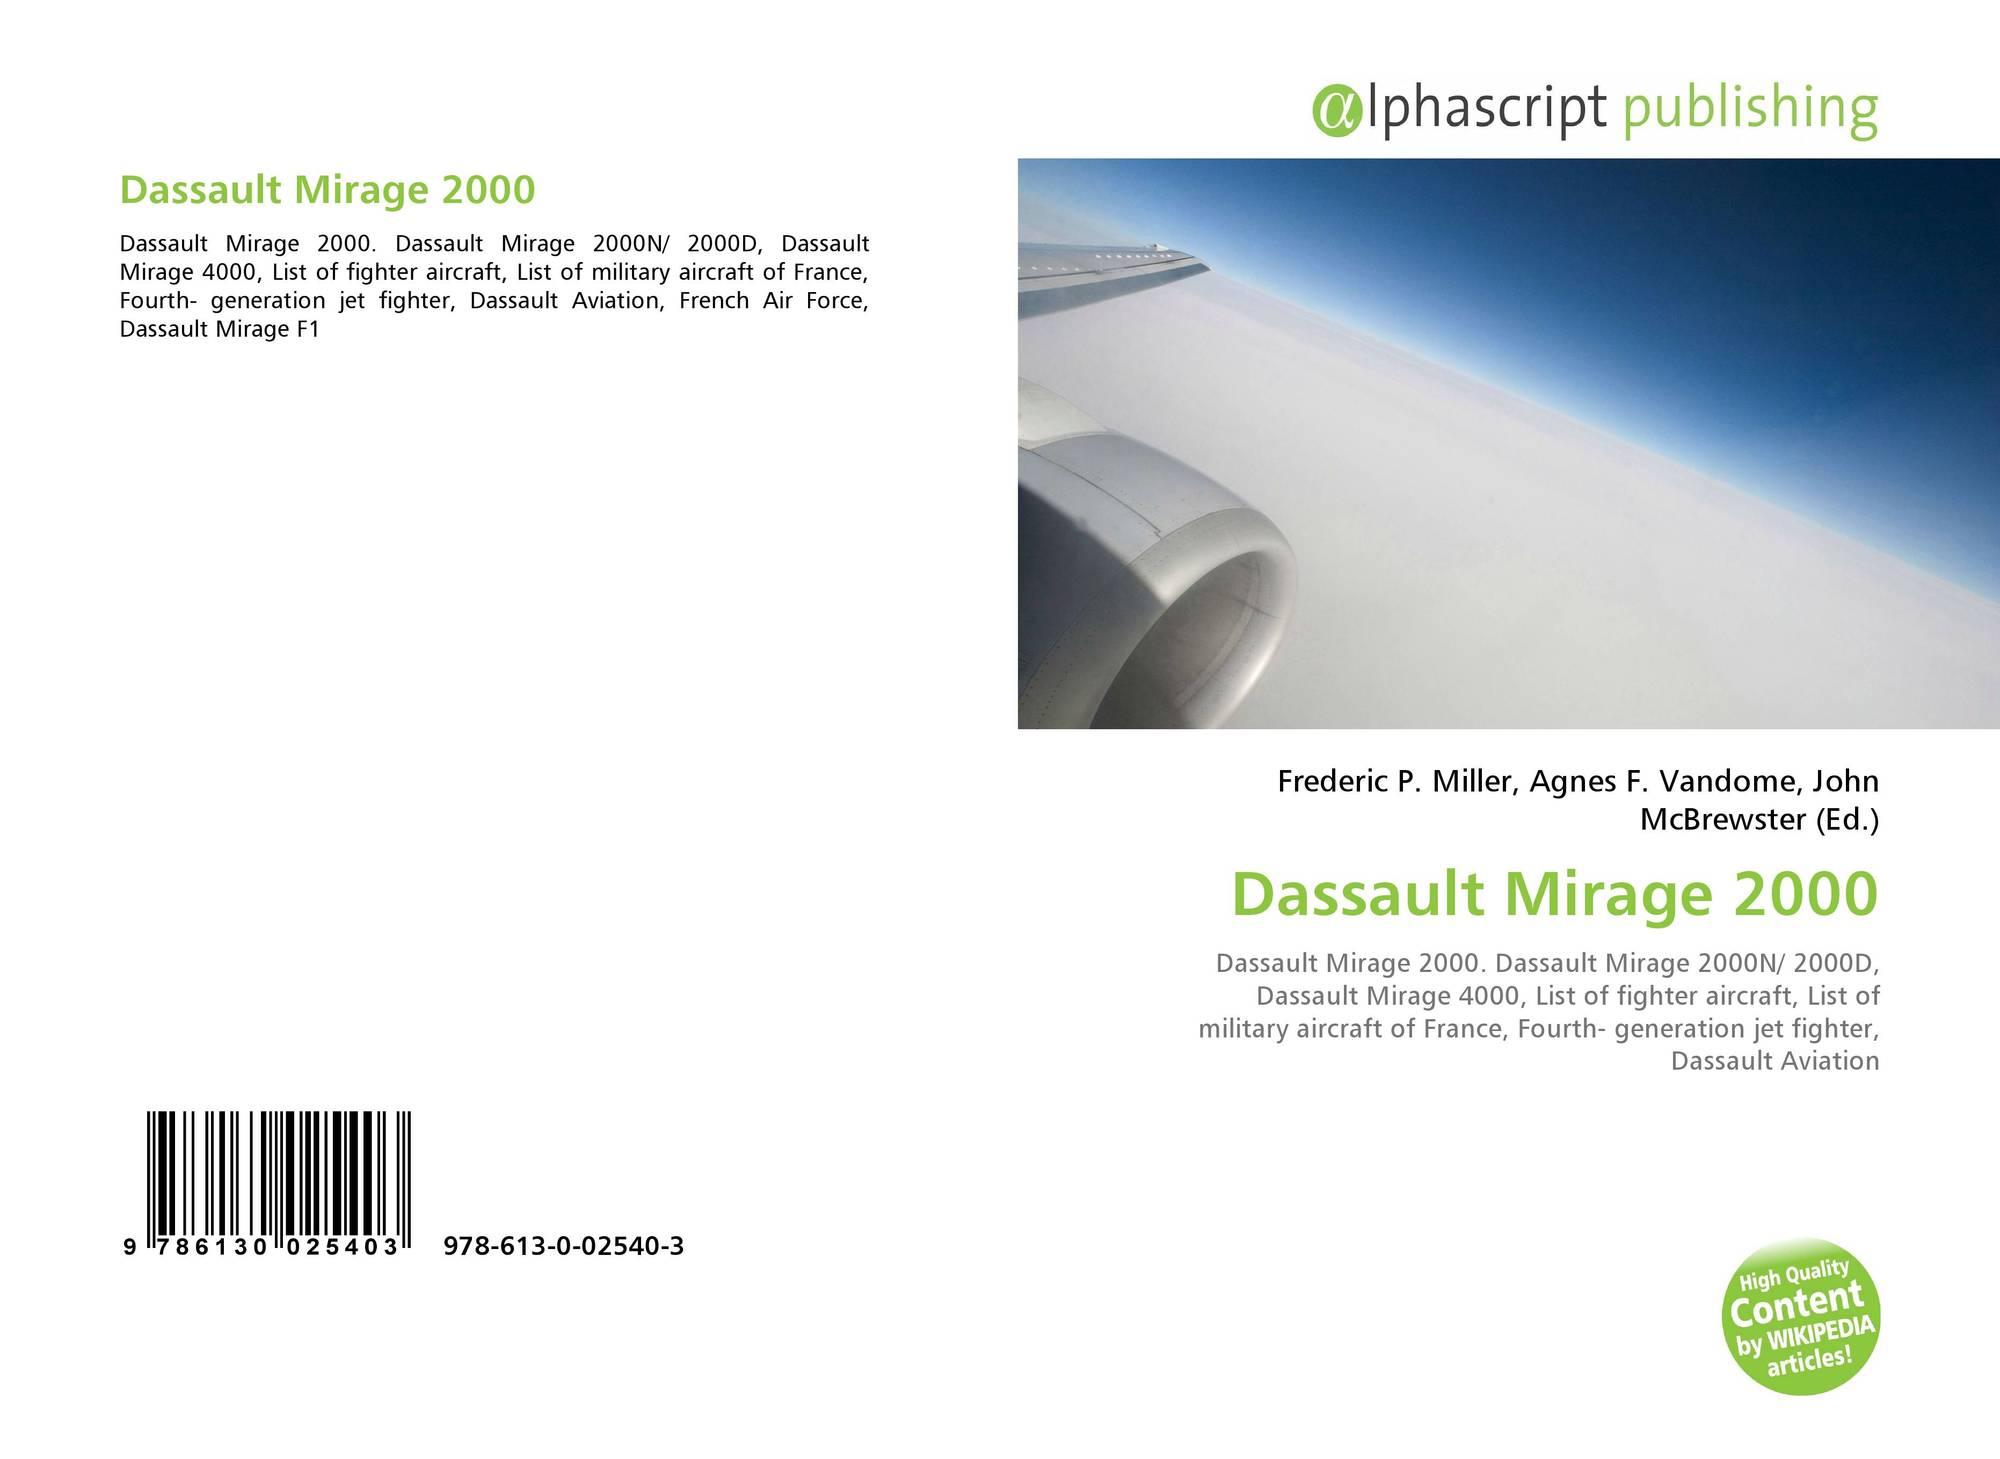 Dassault Mirage 2000, 978-613-0-02540-3, 6130025408